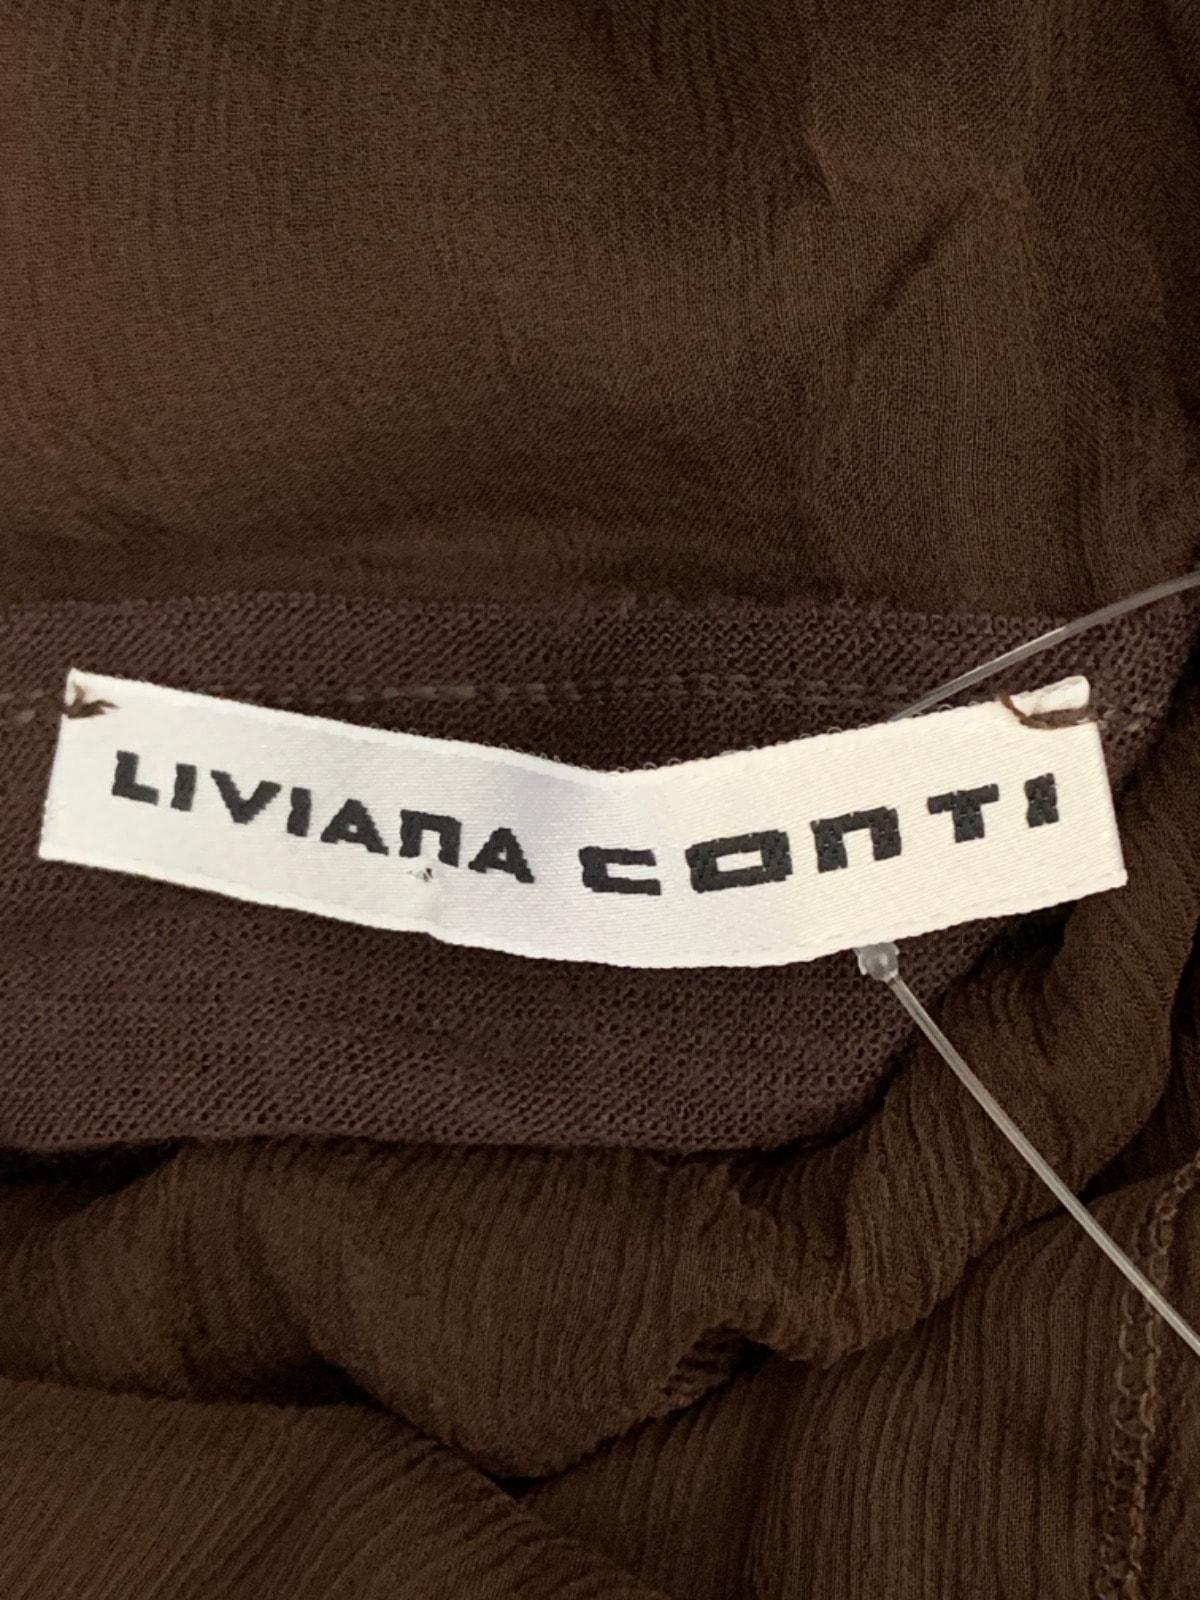 liviana conti(リビアナコンティ)のカットソー